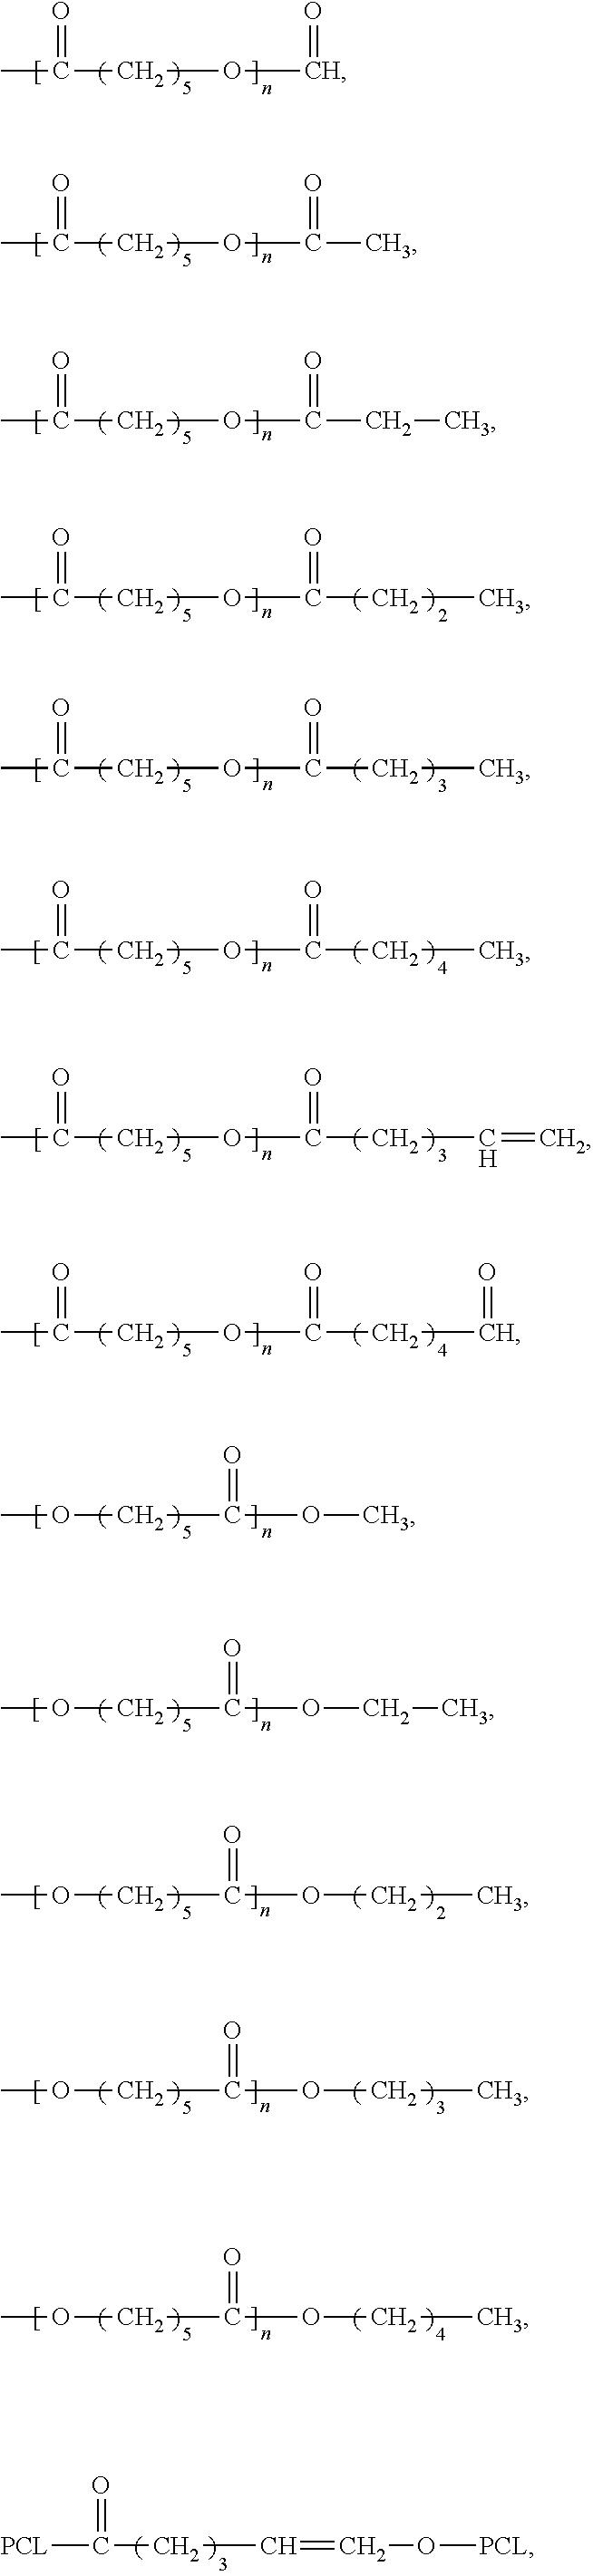 Figure US09669137-20170606-C00060